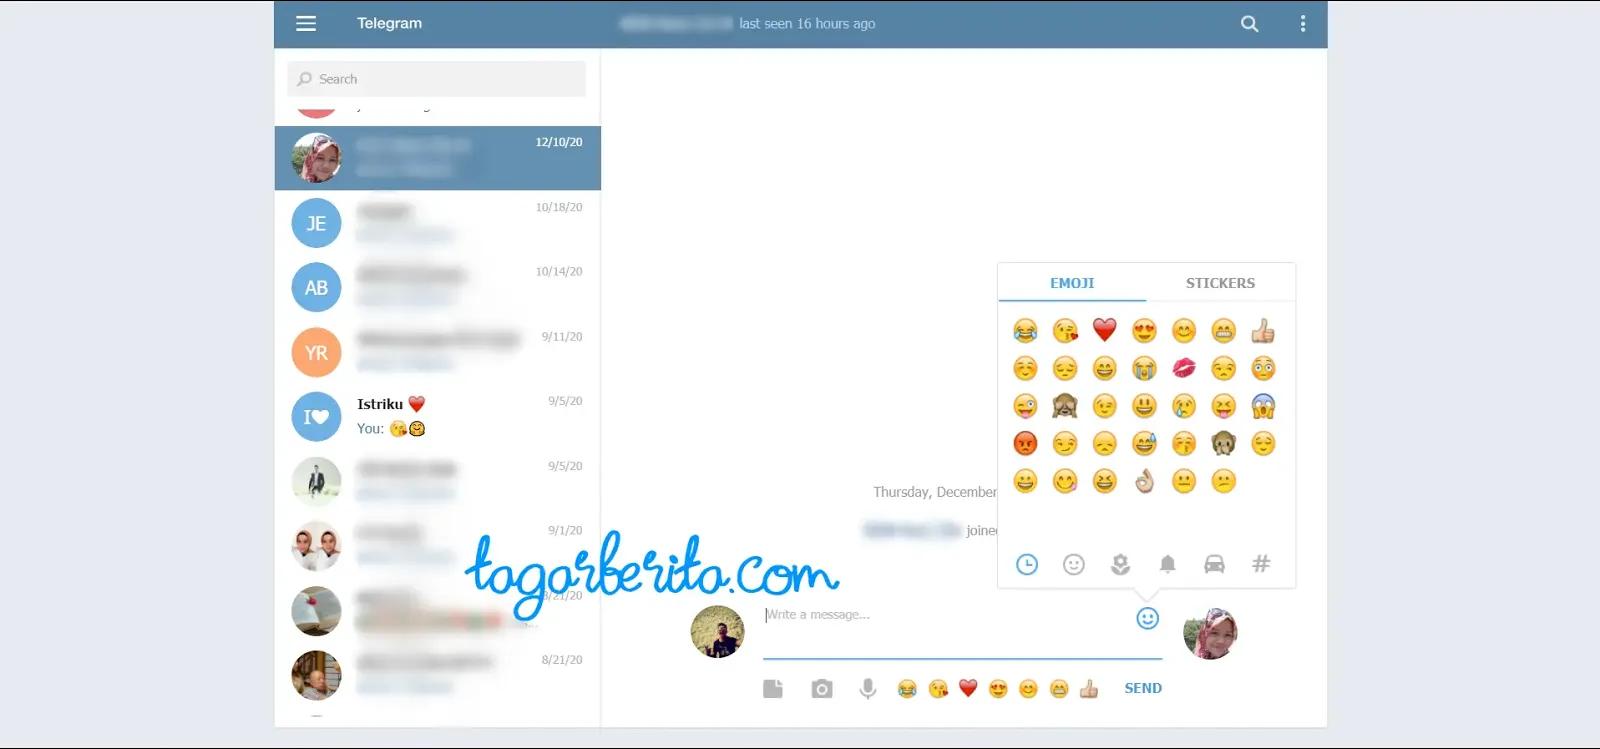 Cara Penggunaan Sosial Media Telegram - Cara Menggunakan Aplikasi Telegram